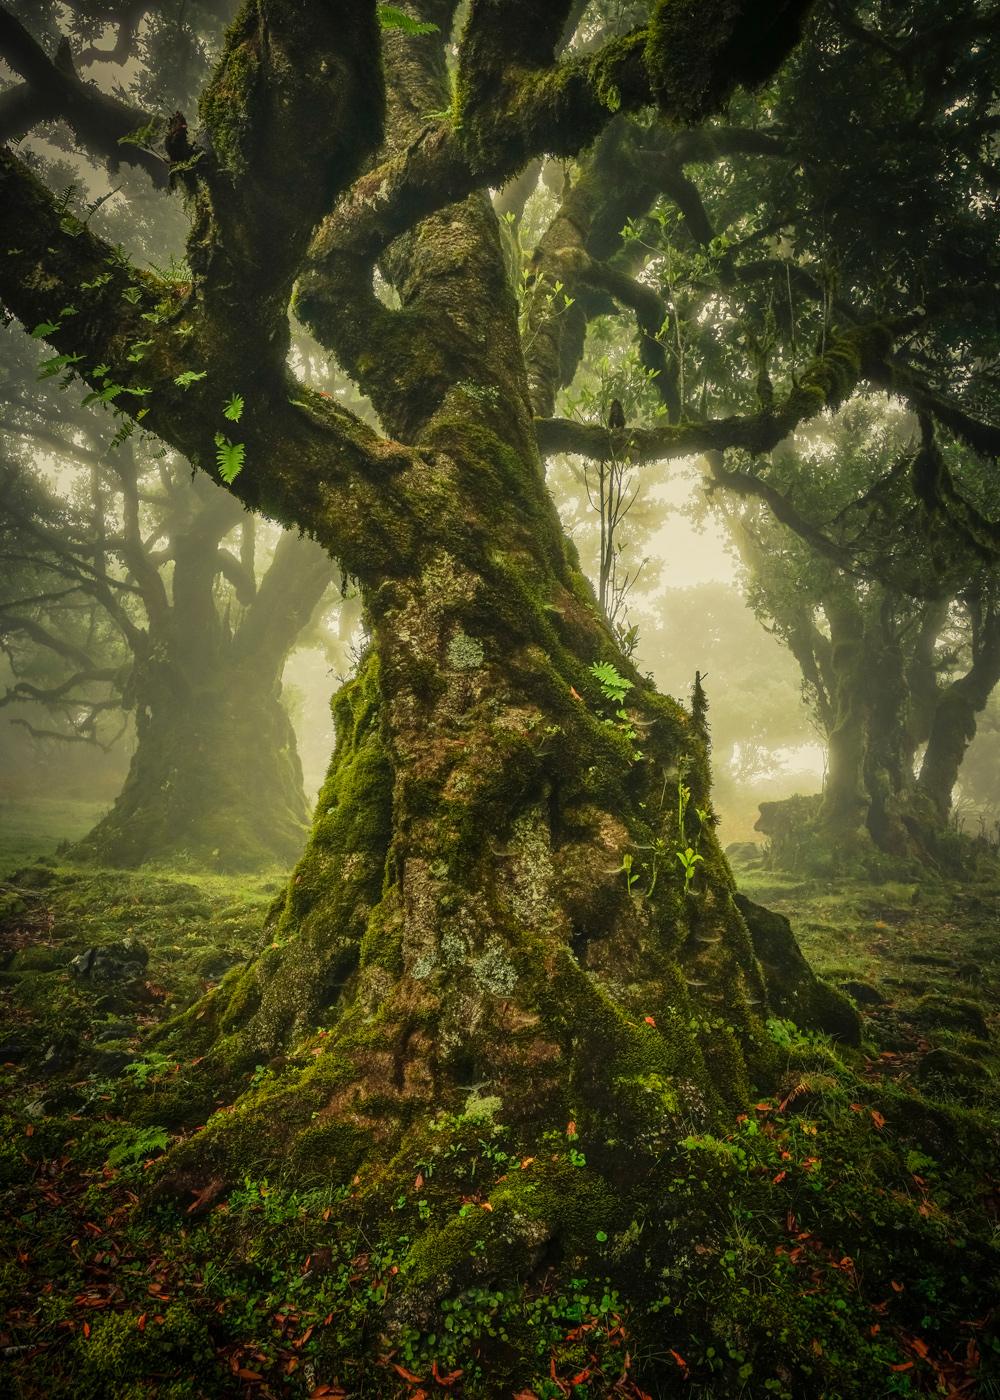 The Lone Tree Award 2019 Anke Butawitsch, Germany